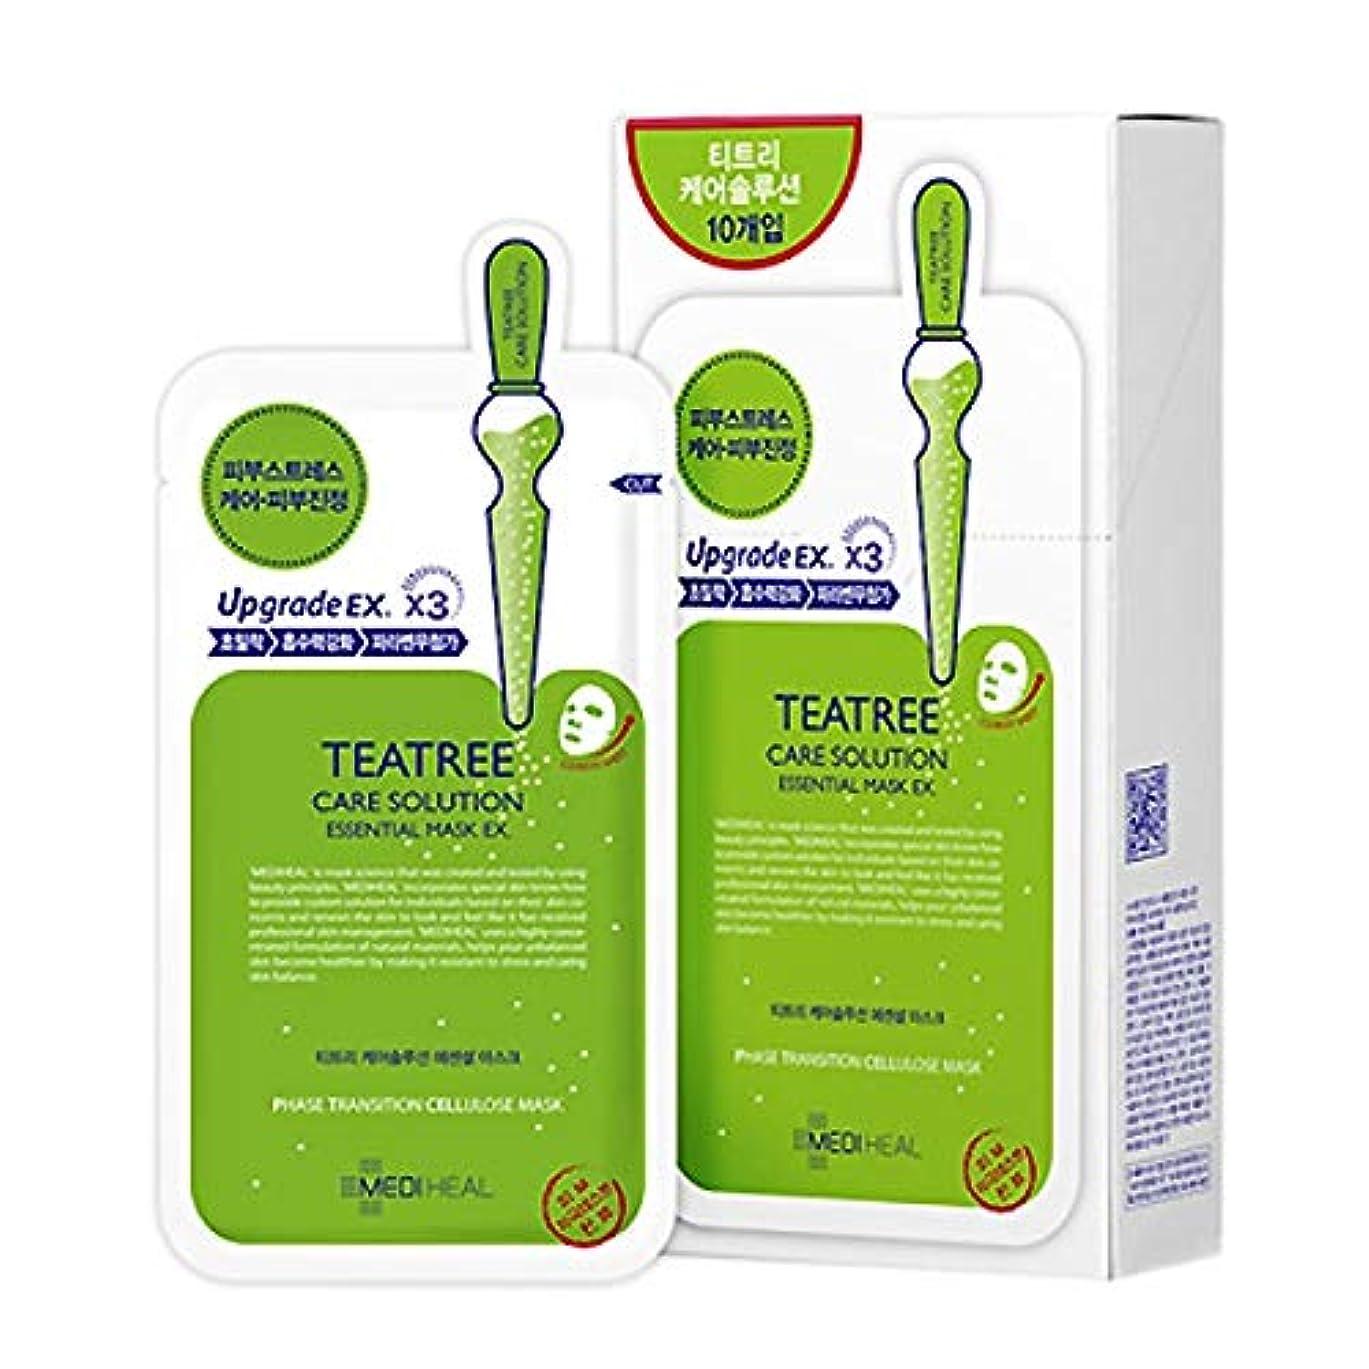 敬な元気価値Korea Mediheal Teatree Healing Essential Mask Pack 1box 10sheet